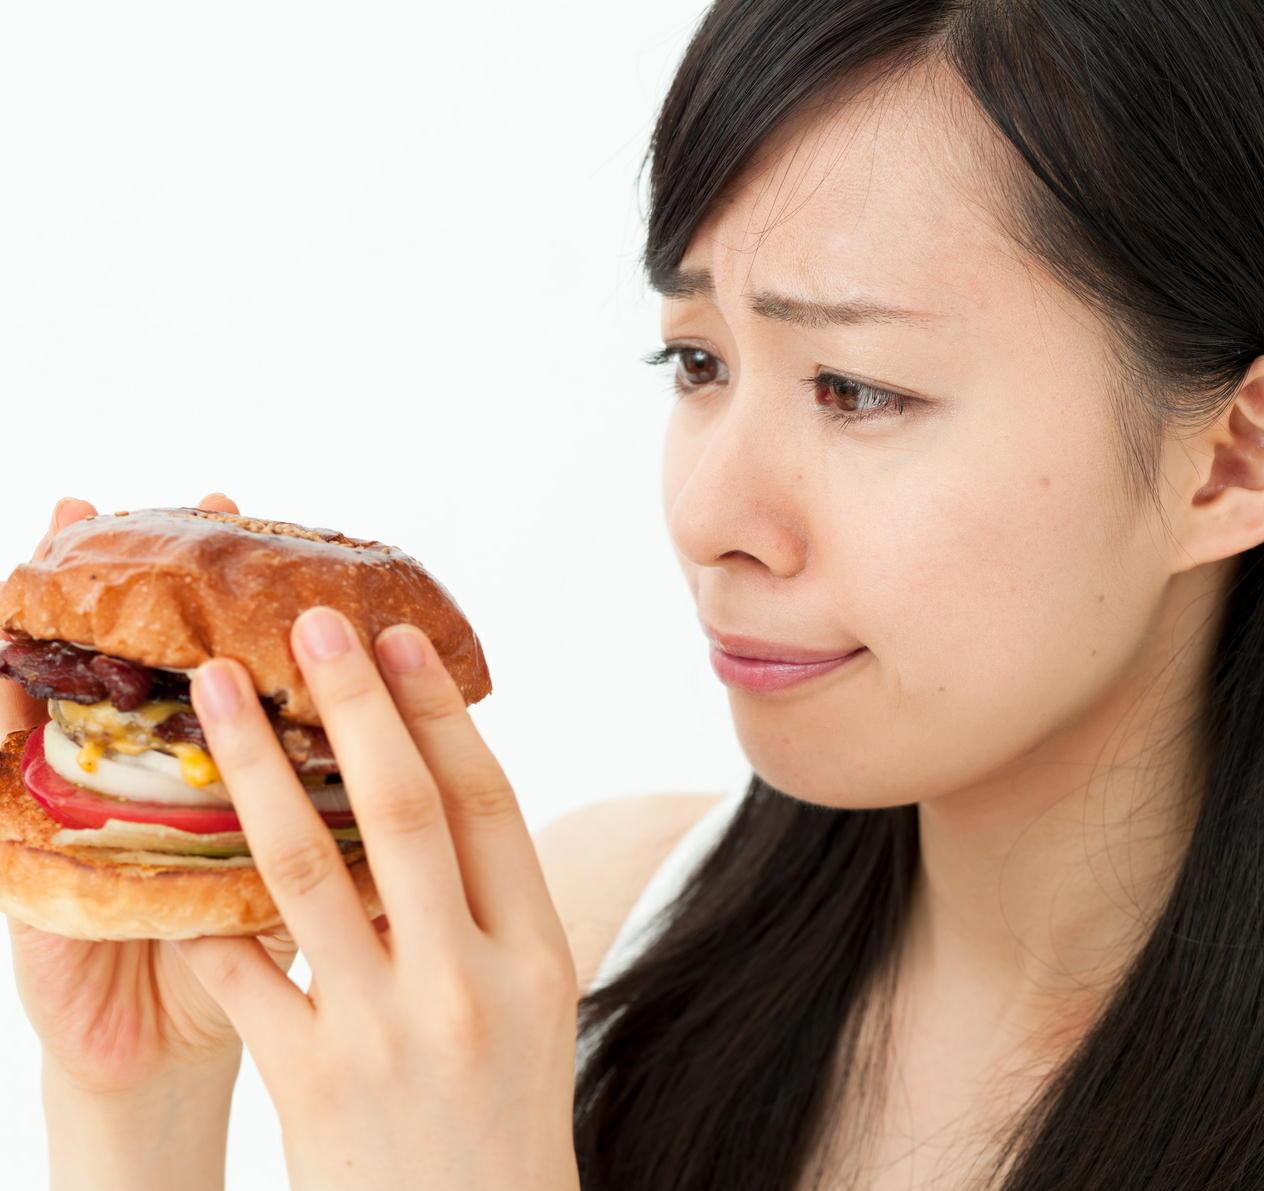 高脂肪の肉が「乳がん」リスクを上昇 代わりに低脂肪の鶏肉を食べるとリスクは減少